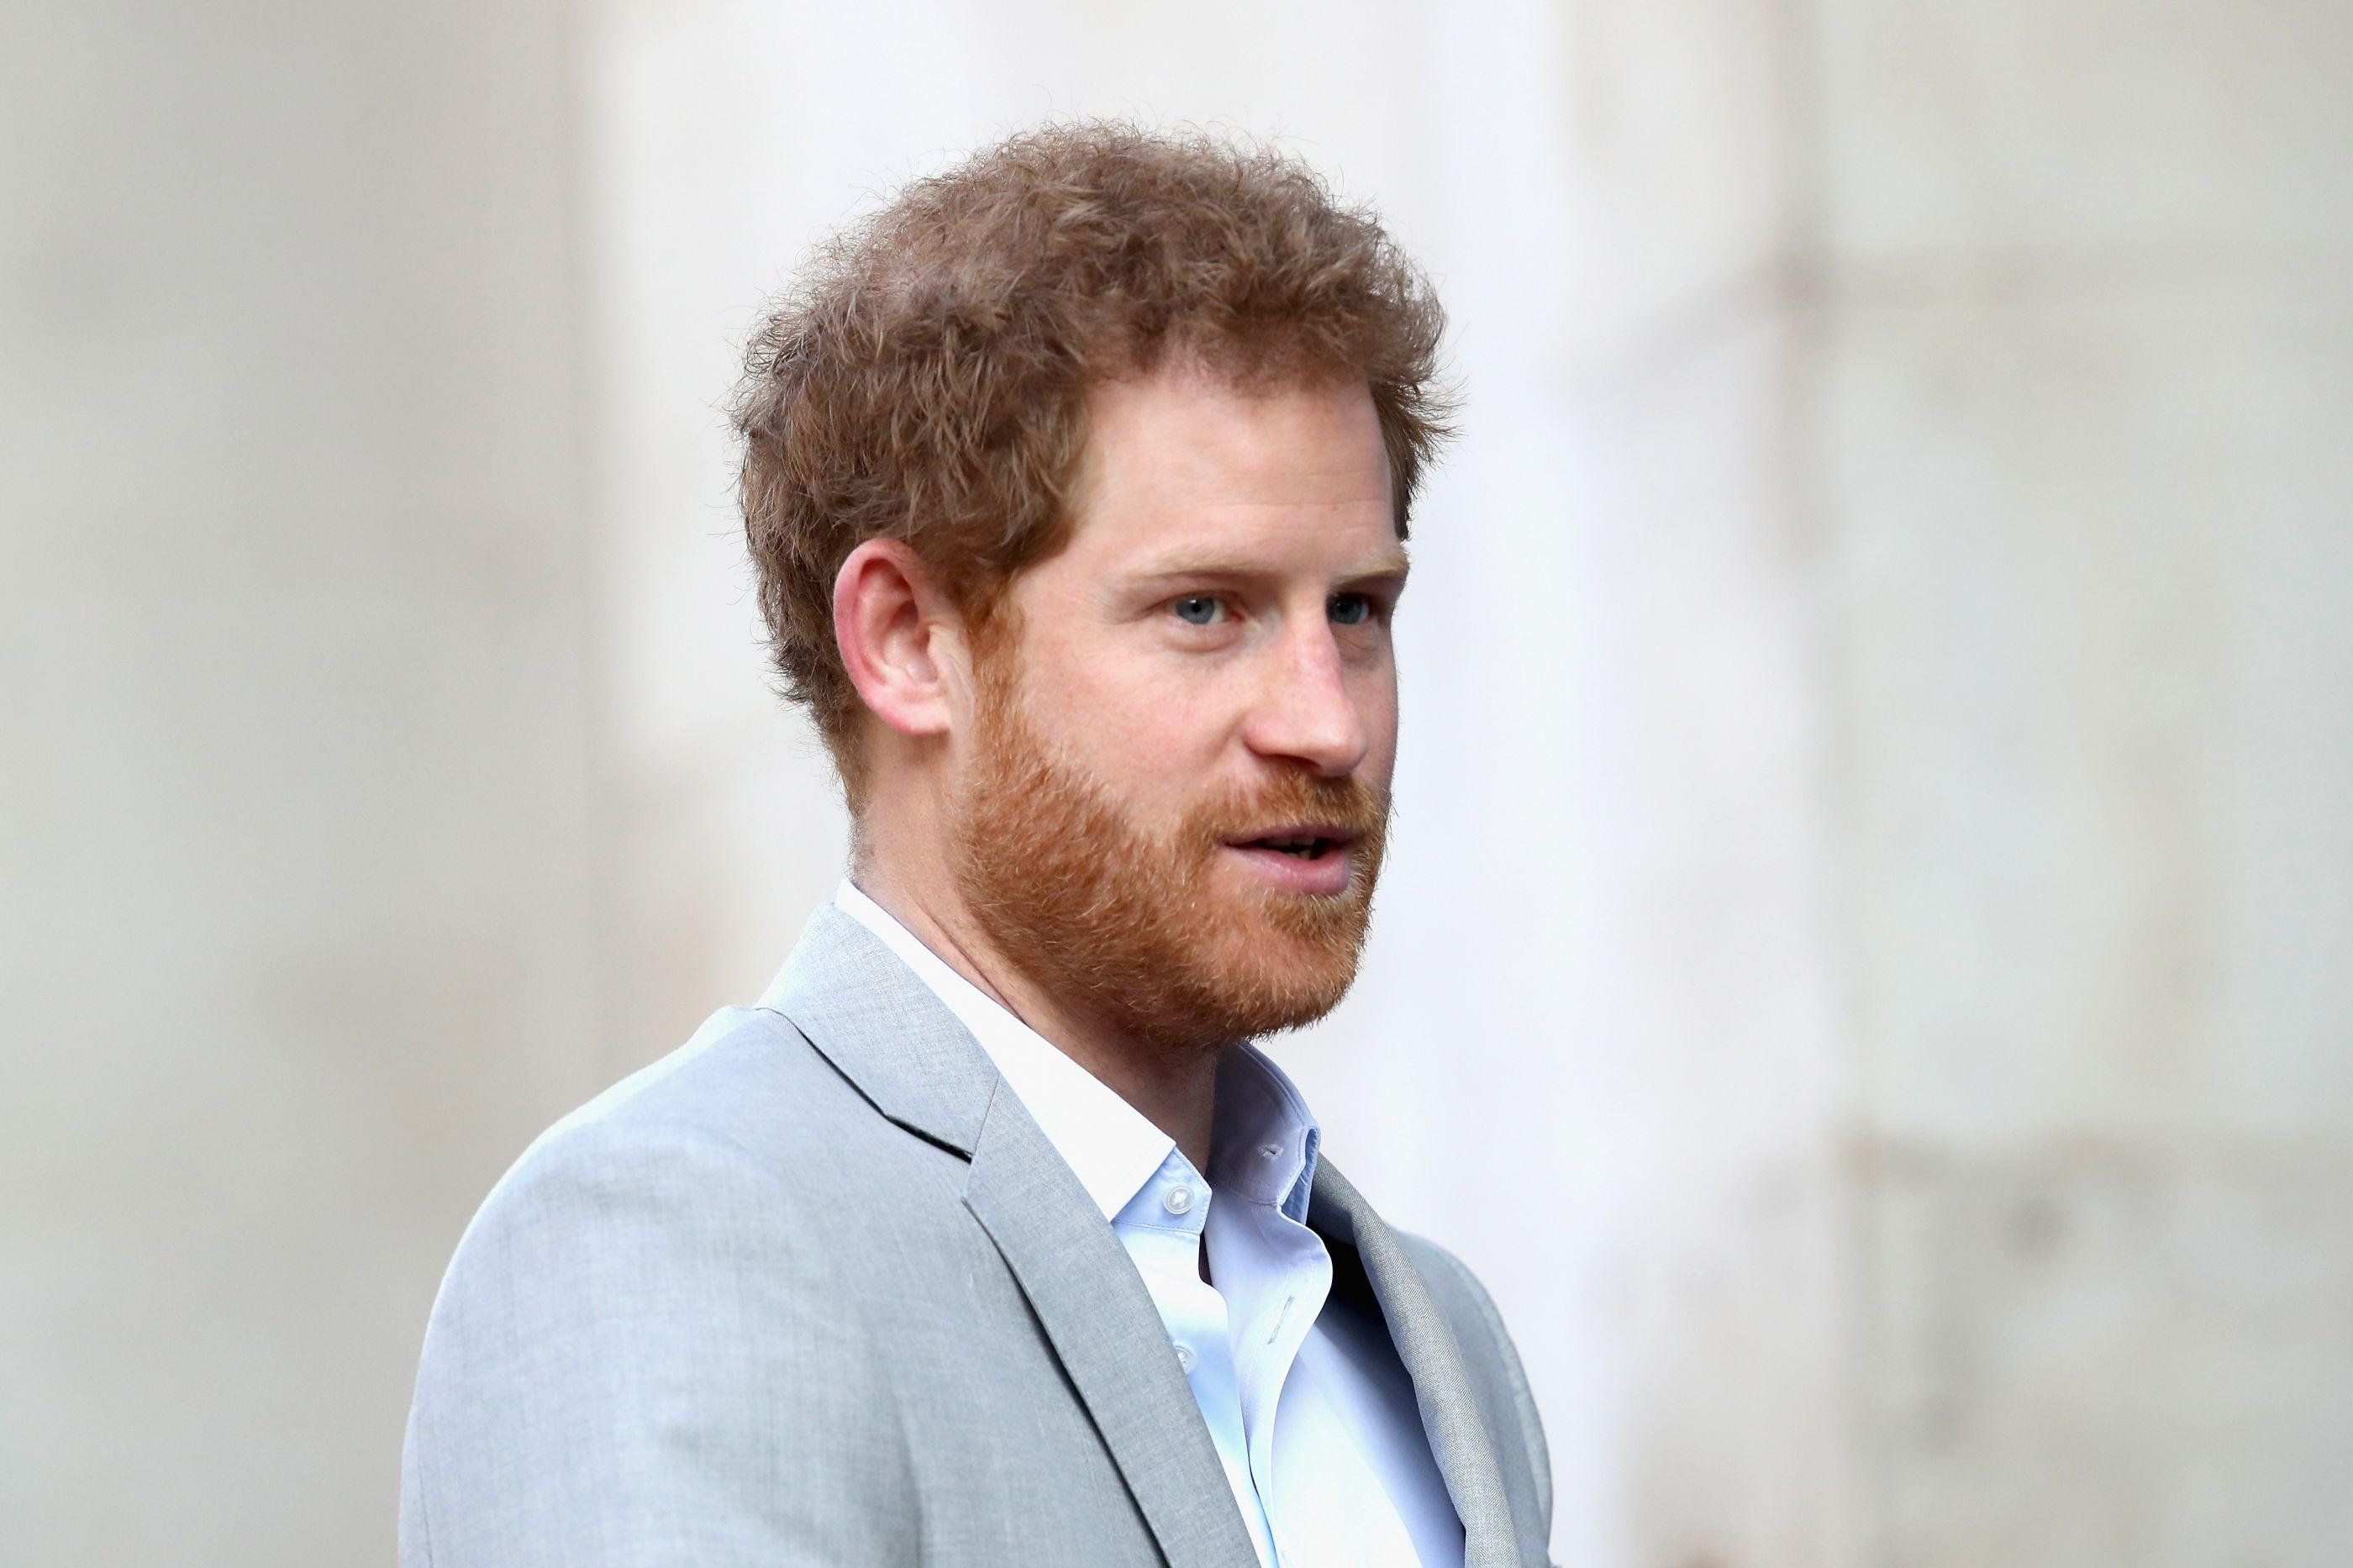 Príncipe Harry considerou desistir do seu papel na família real